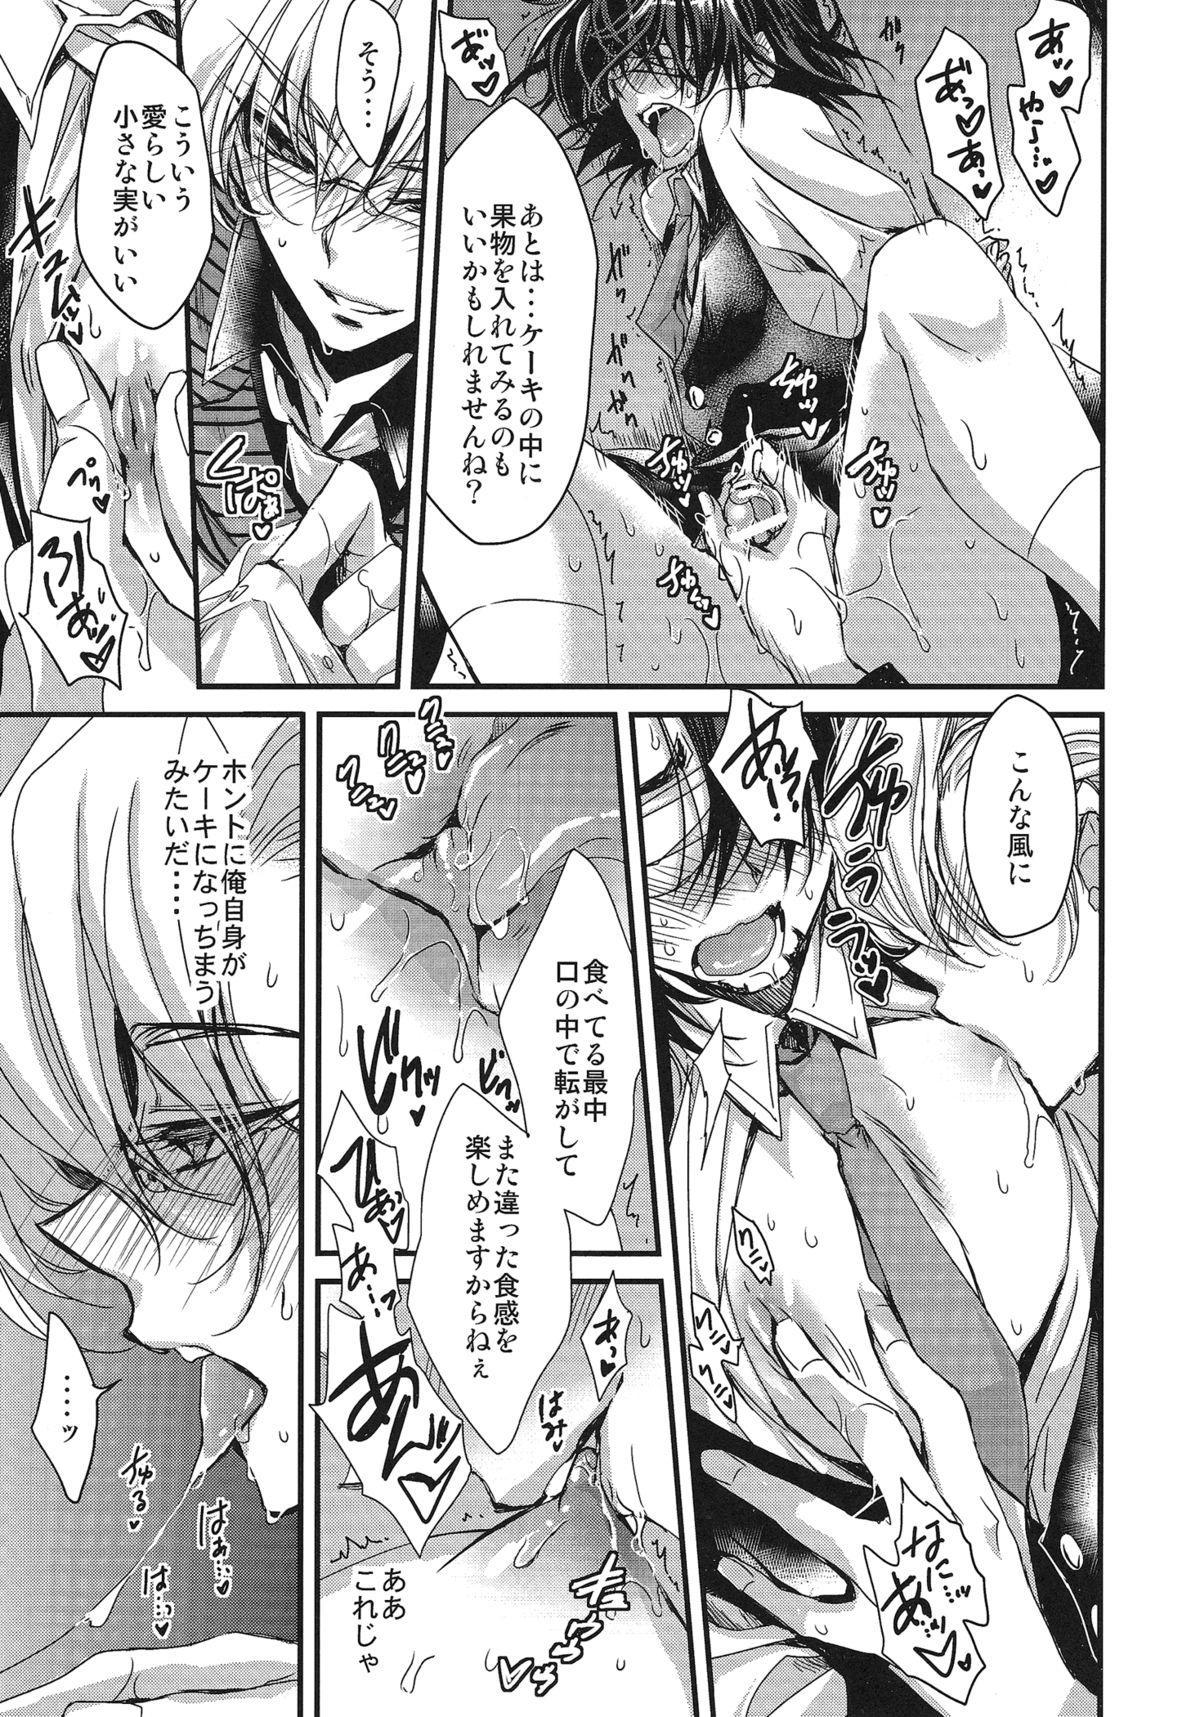 Boku to Kotetsu-san no Kote Shoku! 10